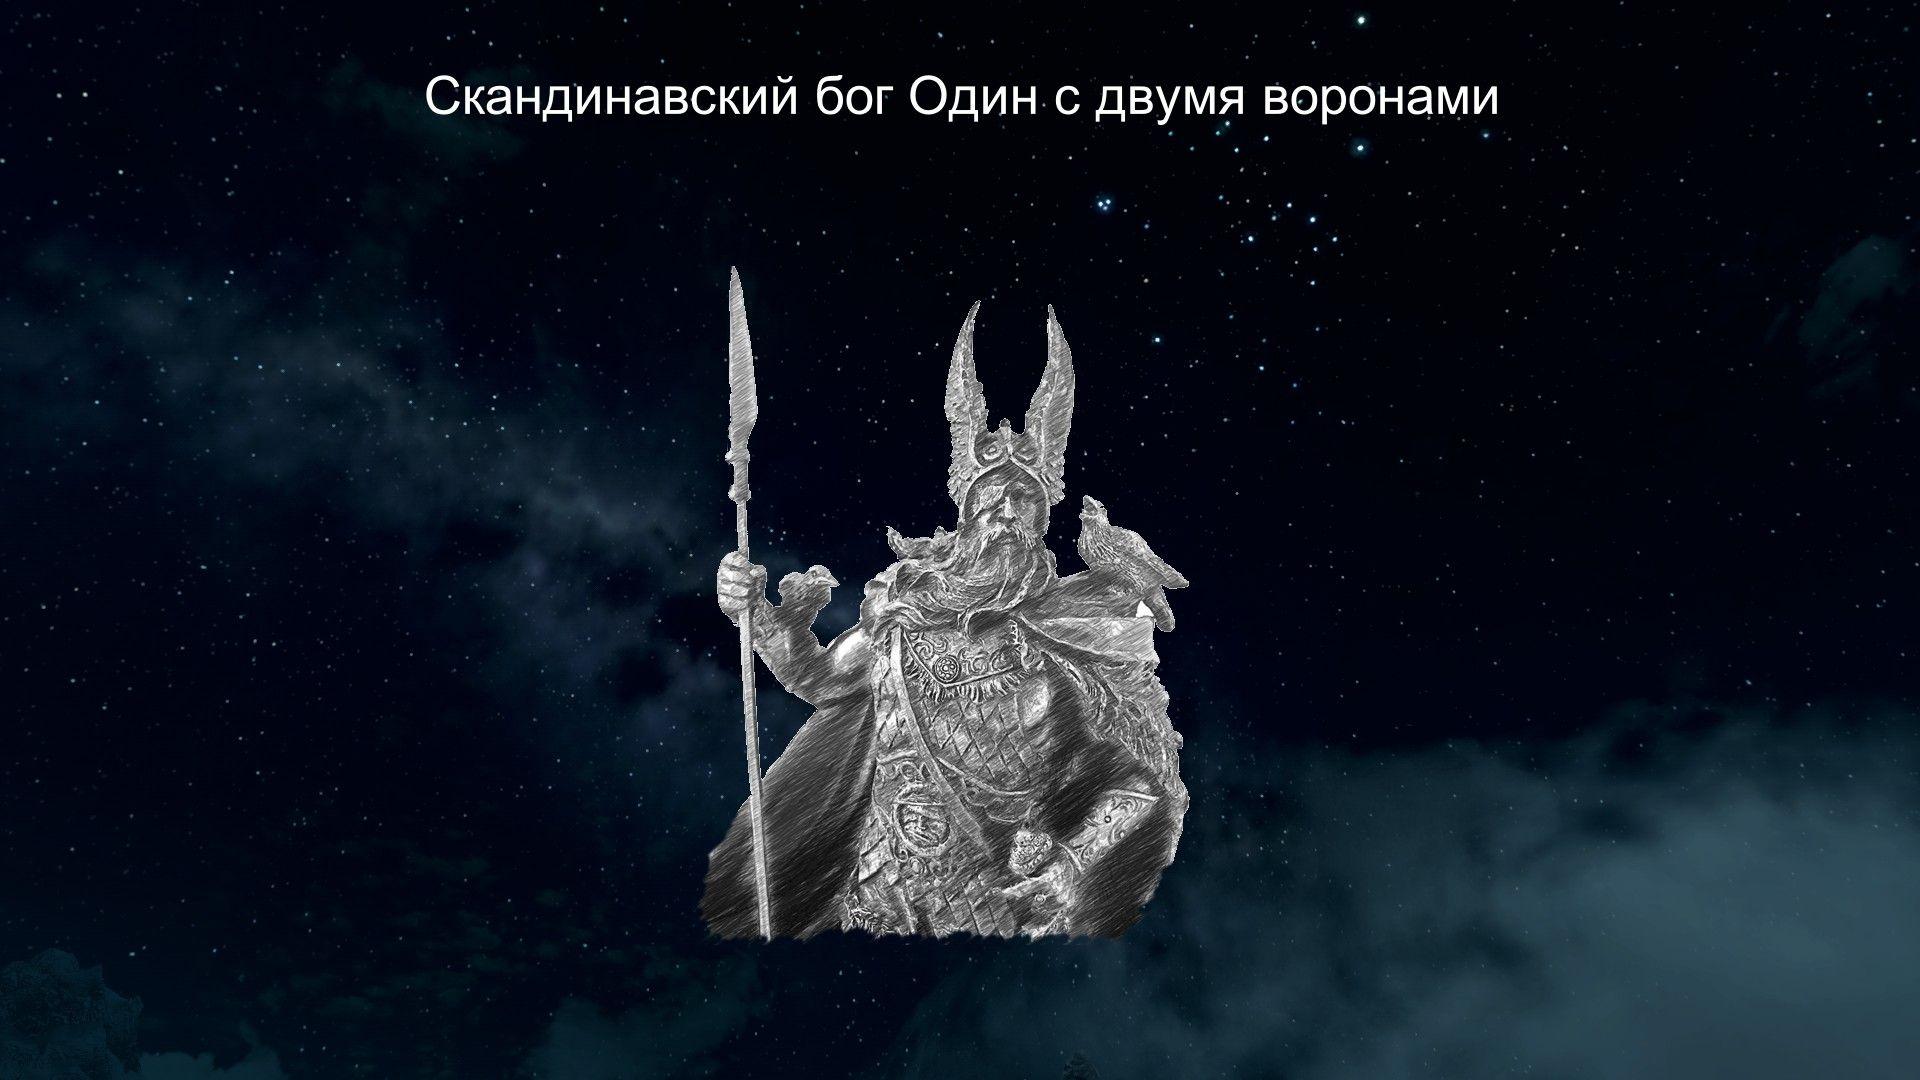 Скандинавский бог Один с двумя воронами